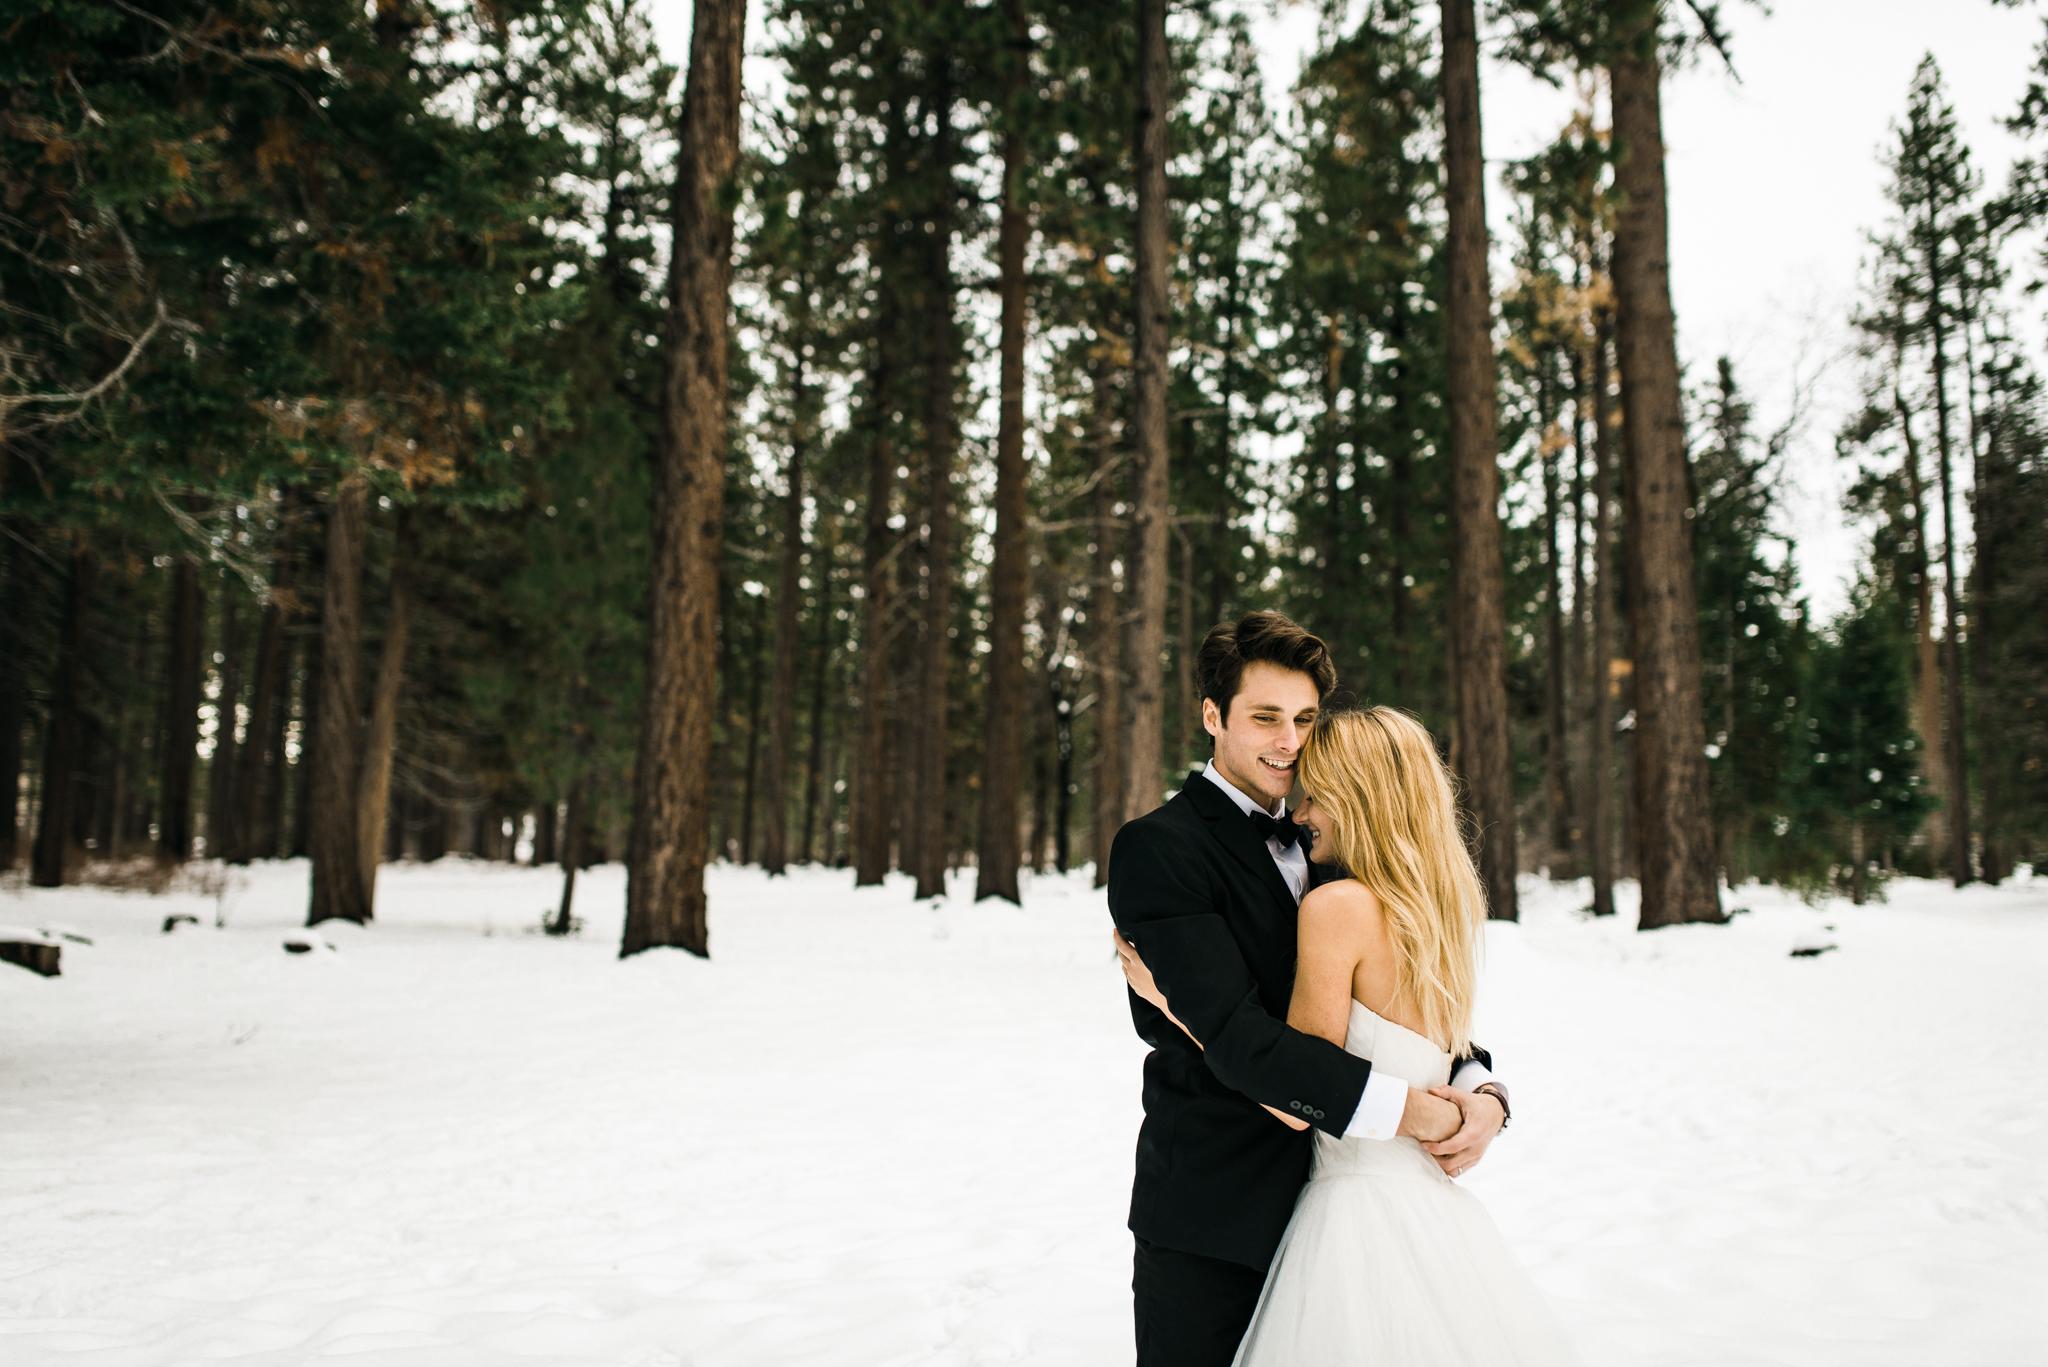 ©Isaiah & Taylor Photography - Ben & Kadin Honeymoon-028.jpg